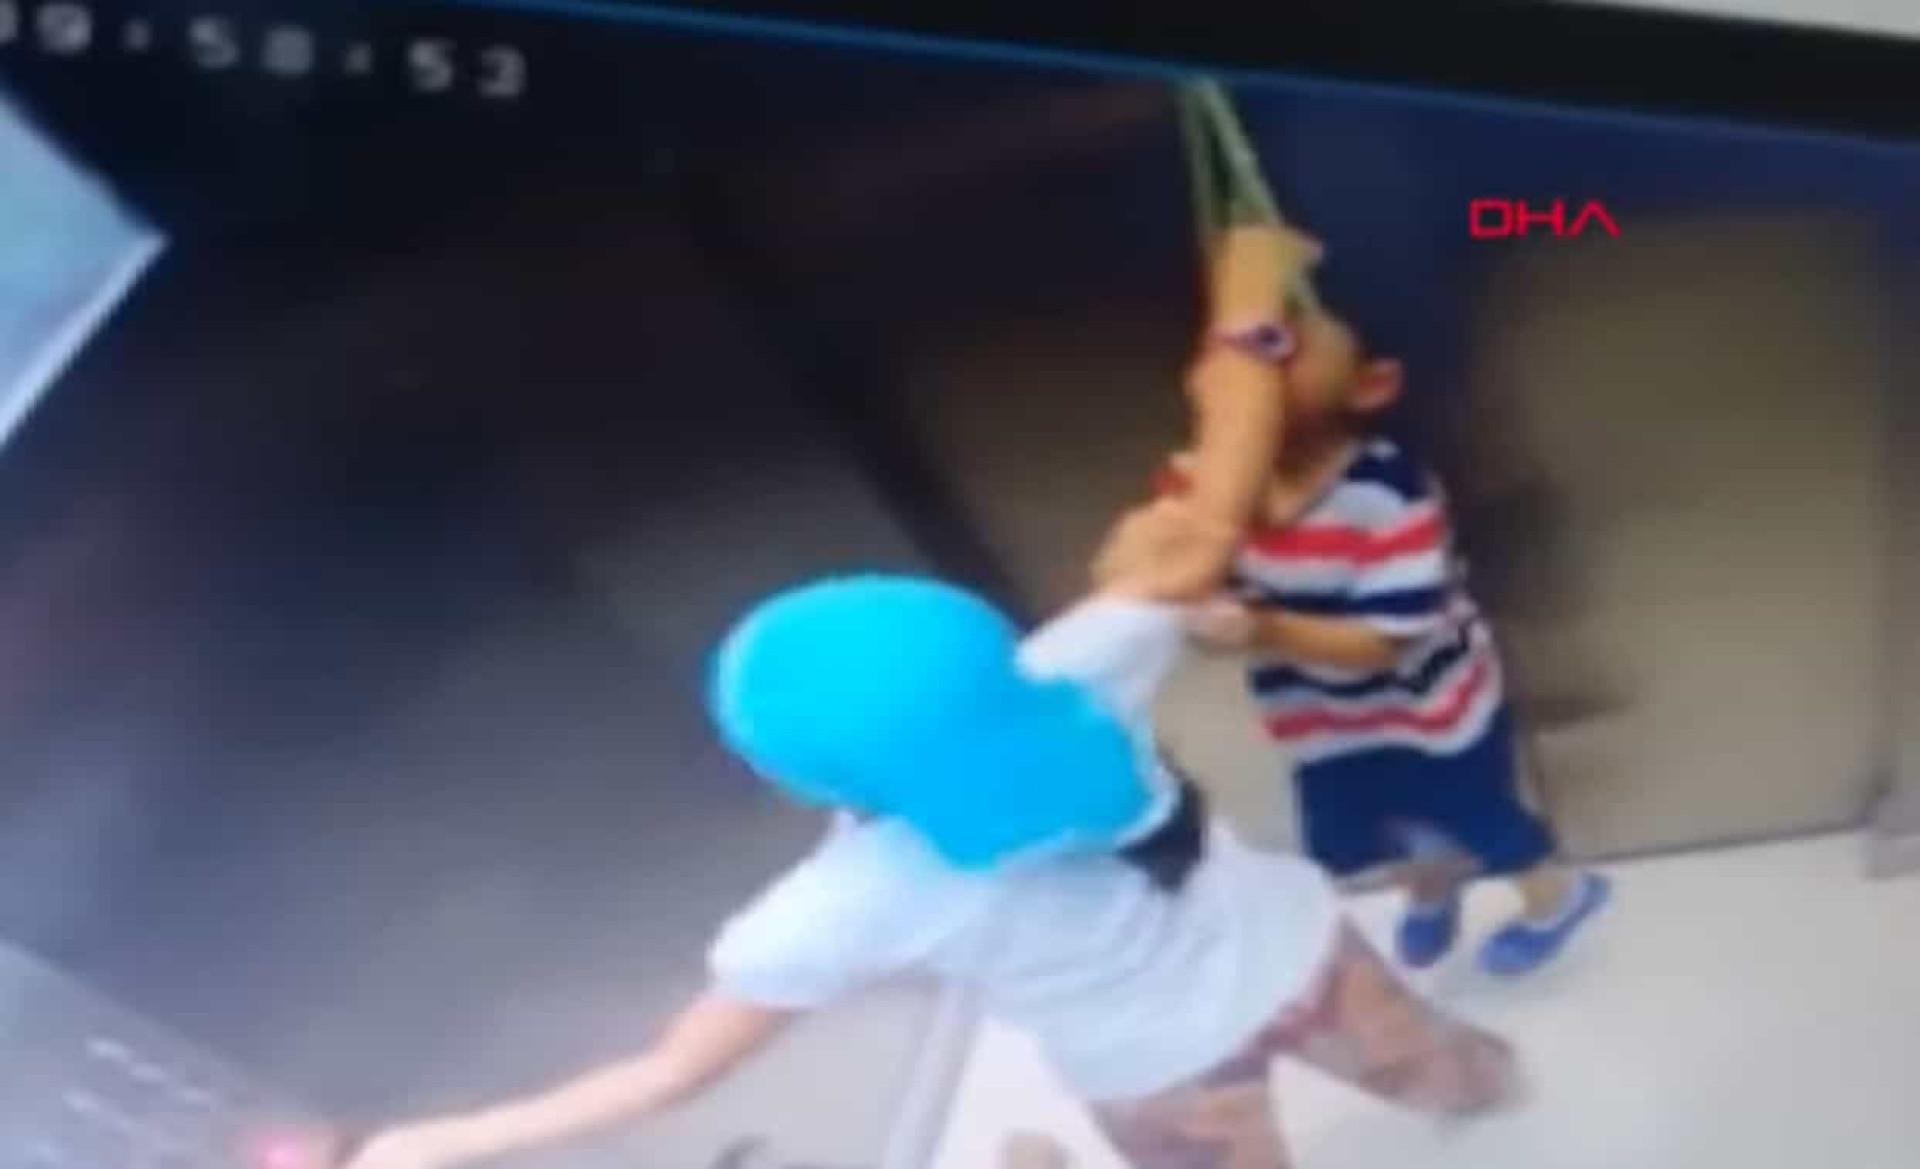 Rápida ação de menina salva irmão mais novo de se enforcar no elevador